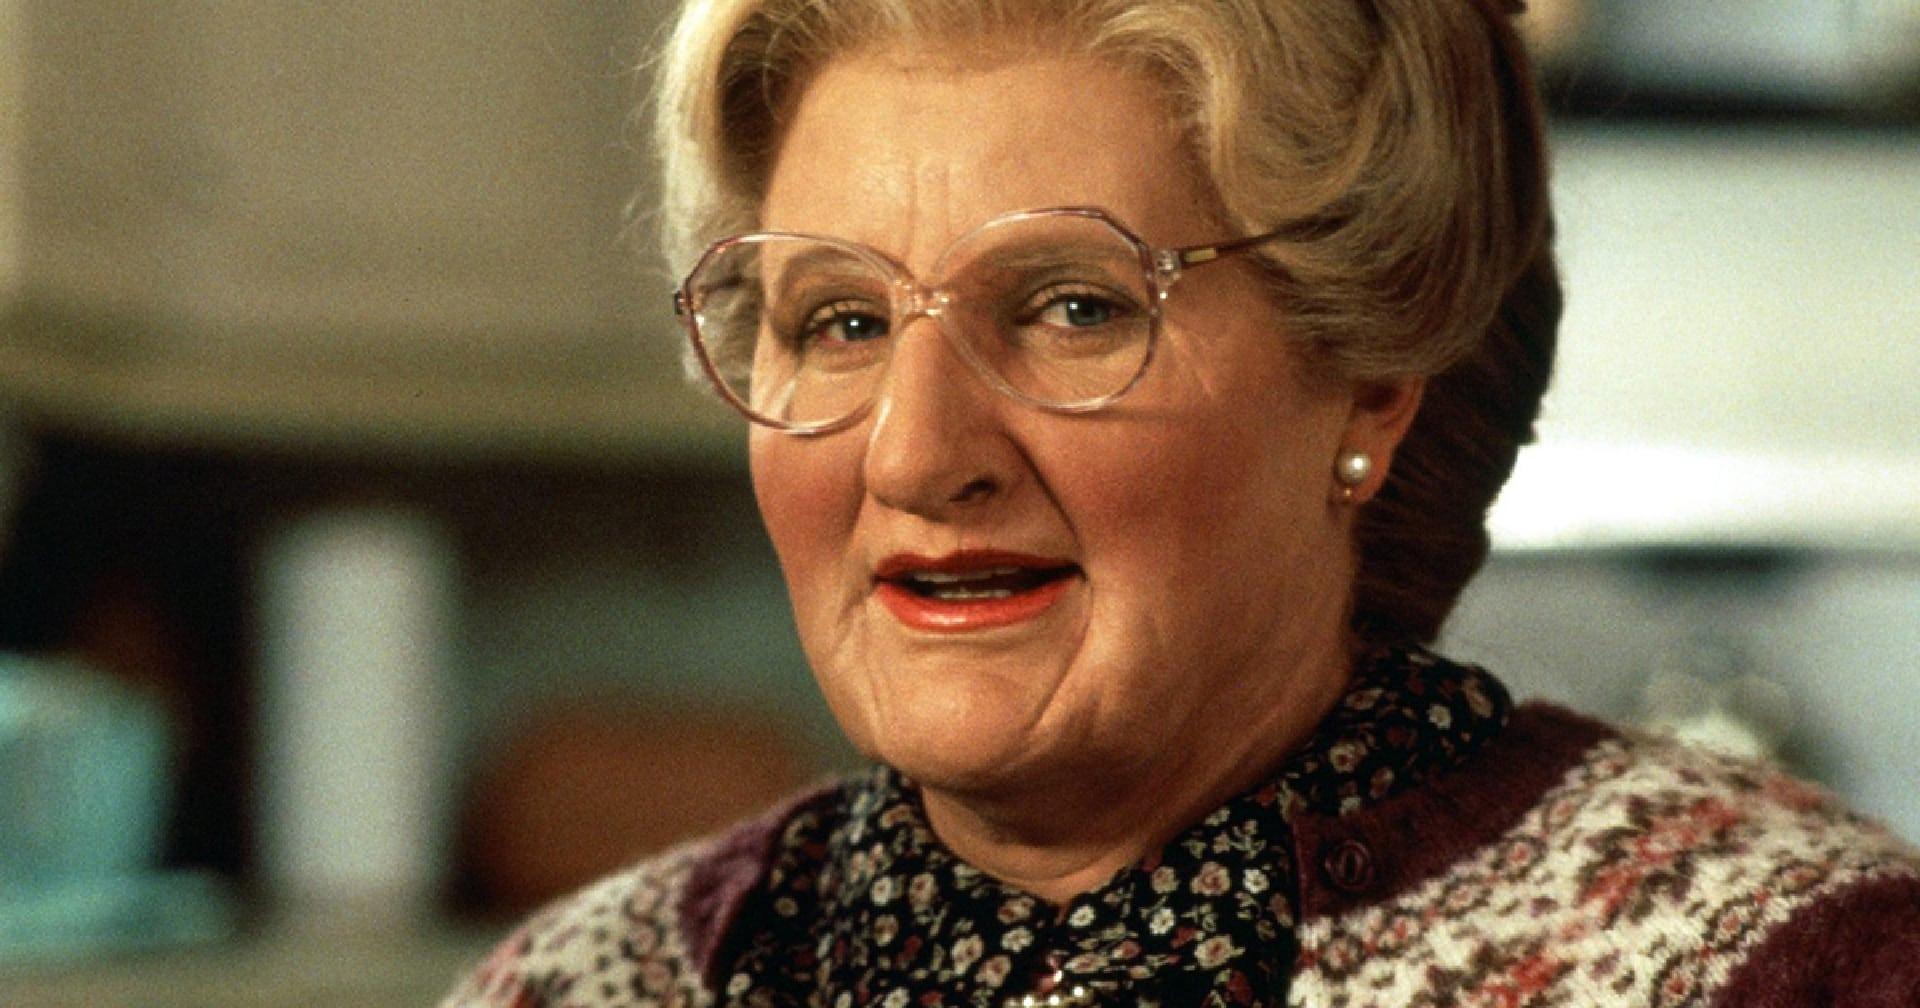 Mrs Doubtfire, spunta una versione vietata i minori con un WIlliams mattatore